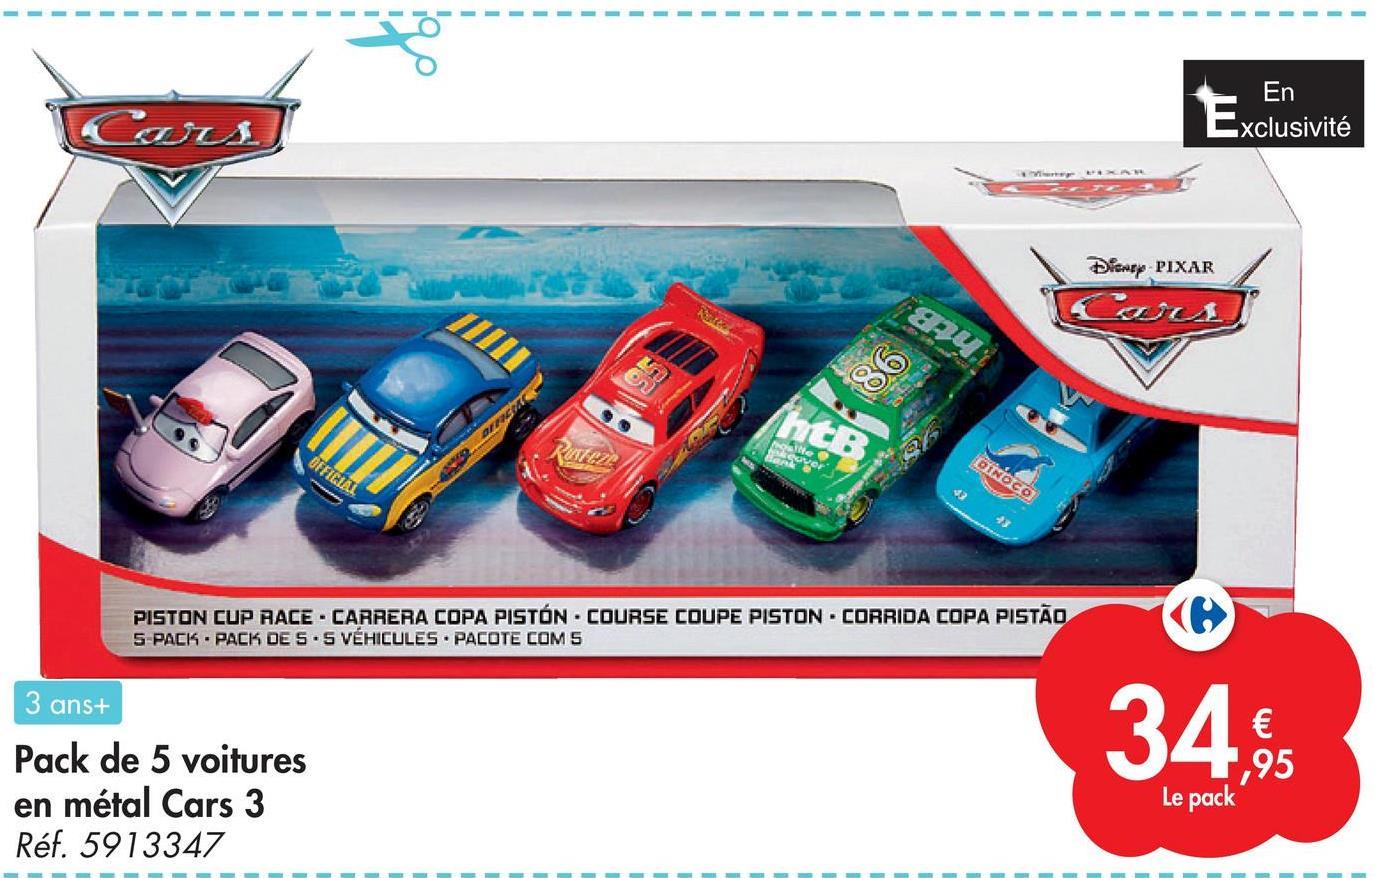 En Can Exclusivité Dianey PIXAR EM RY htB Ratez Moshe over BG OFFICIAL DINOCO PISTON CUP RACE - CARRERA COPA PISTÓN - COURSE COUPE PISTON - CORRIDA COPA PISTÃO 5 PACK - PACK DE SES VÉHICULES - PACOTE COM S 3 ans+ 34 Pack de 5 voitures en métal Cars 3 Réf. 5913347 € 1,95 Le pack